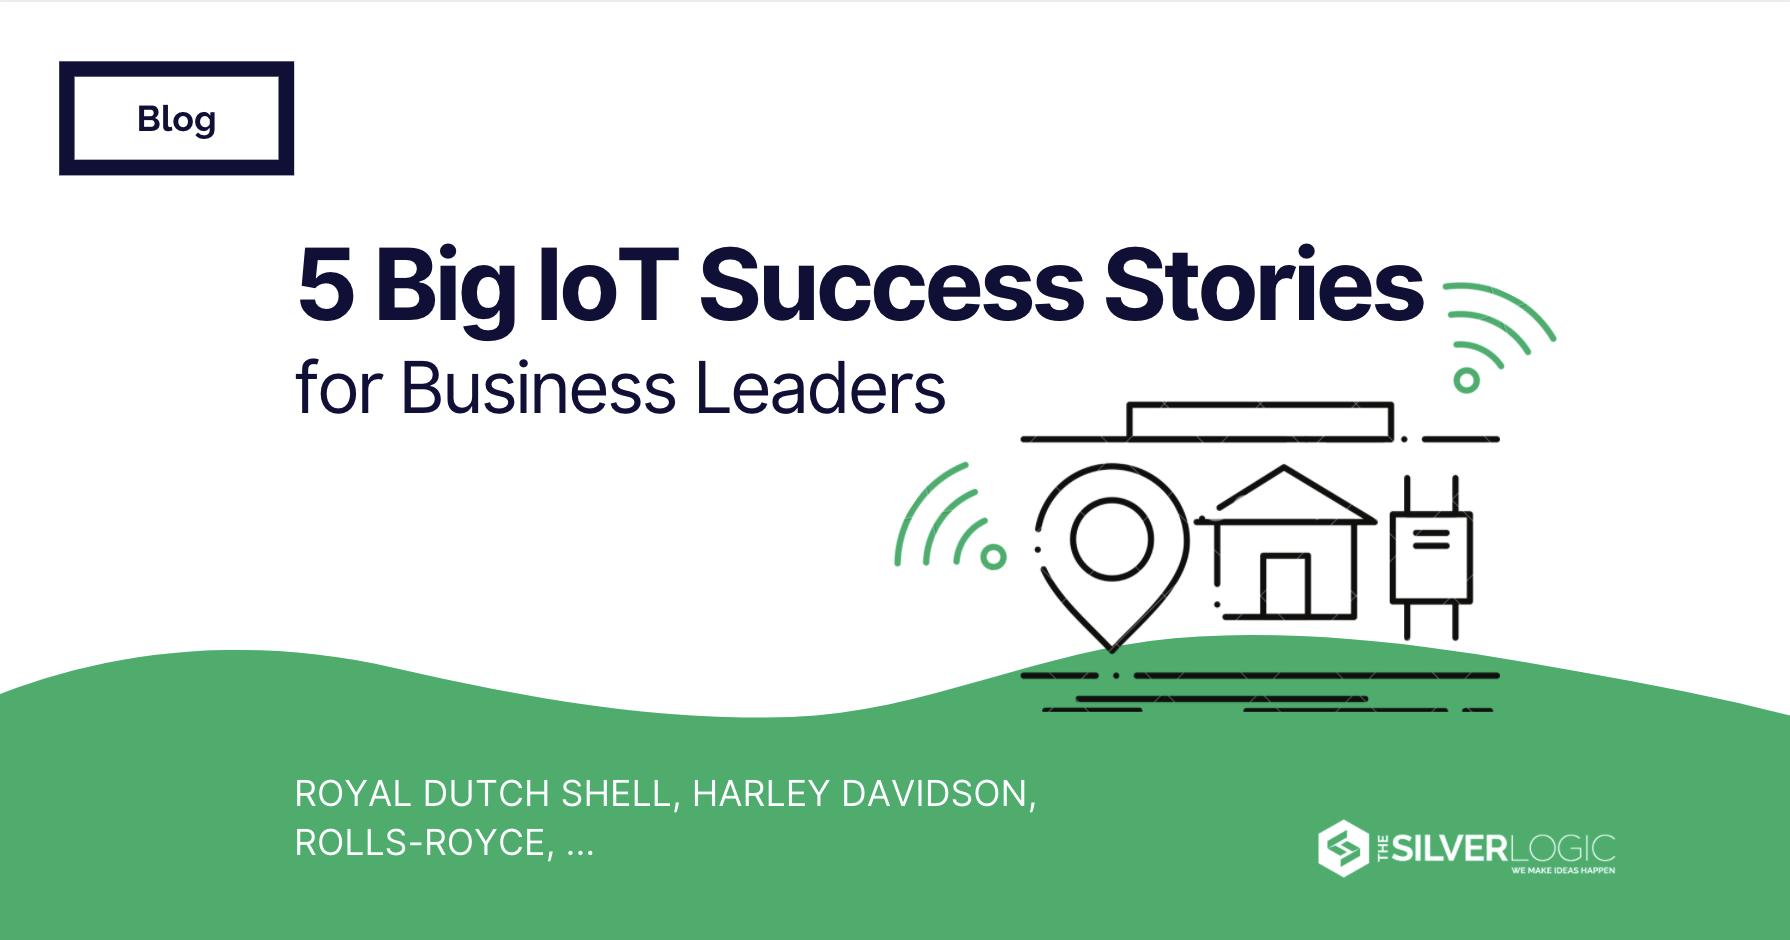 5-big-IoT-success-stories